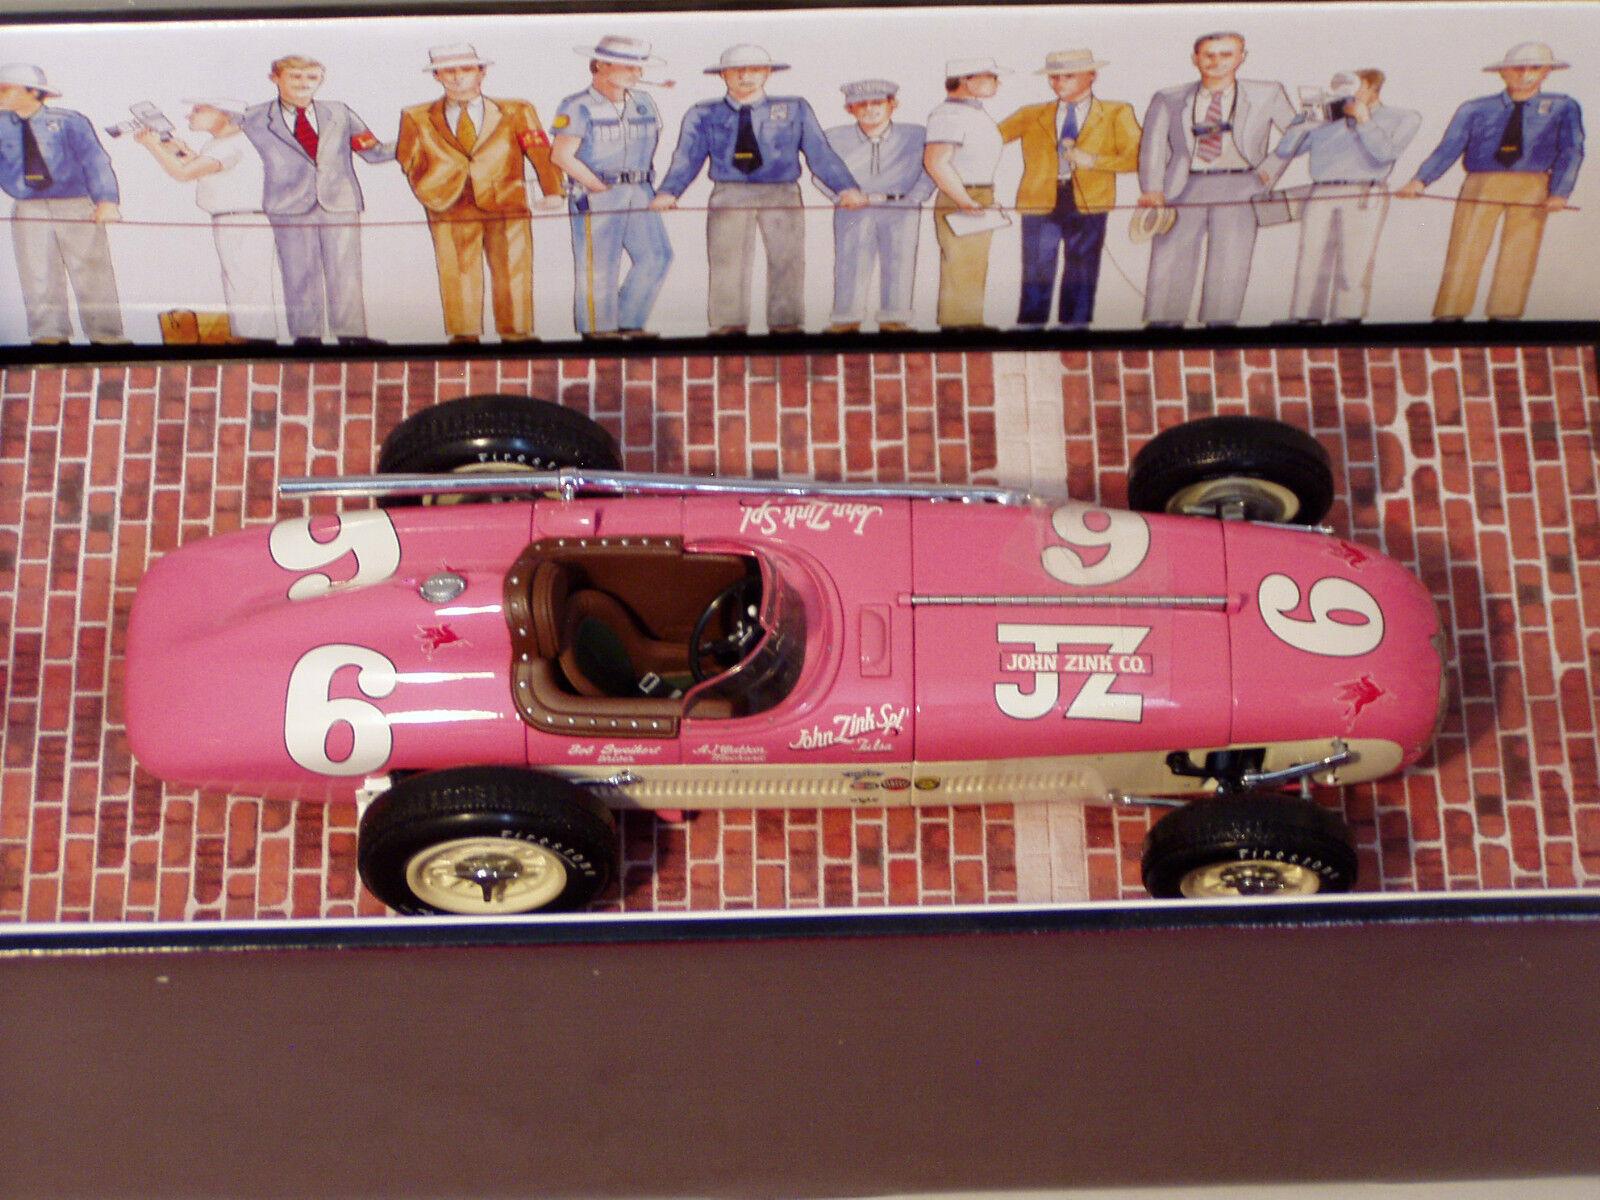 1 18 Carousel 1 Kurtis Kraft Roadster John Zink Special Indy 1st 1955 B.Sweikert